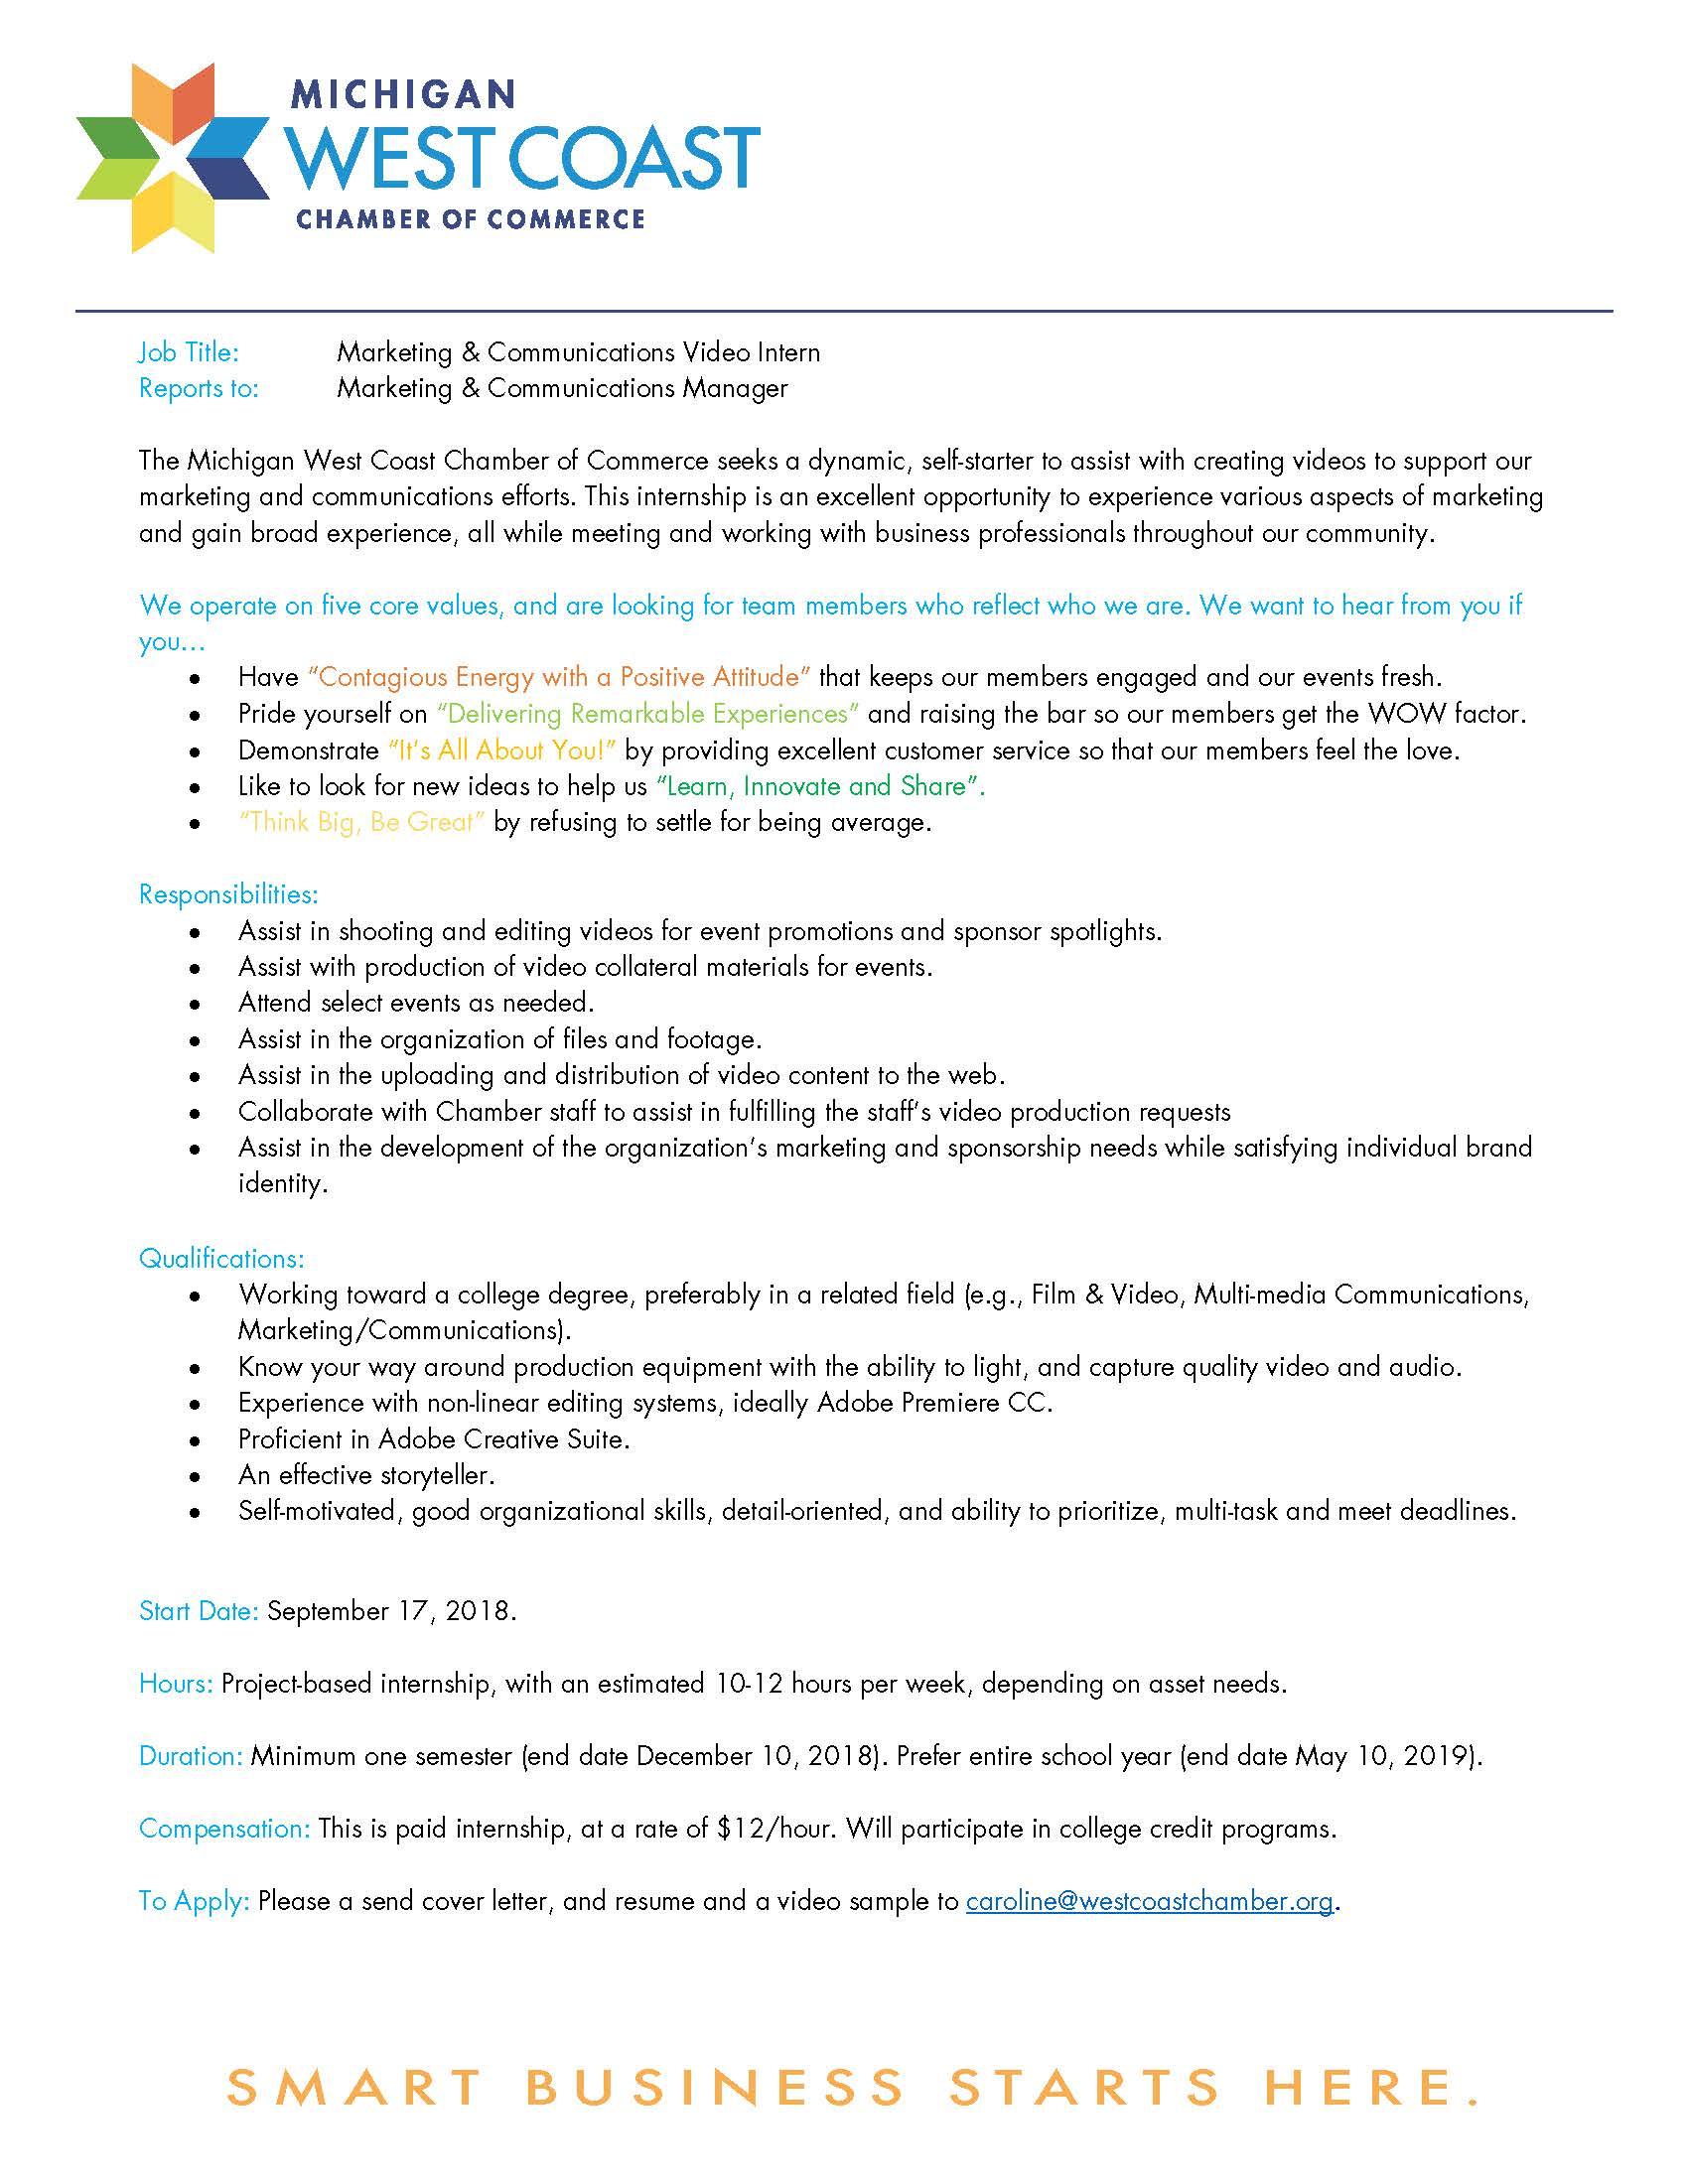 Marketing-Video-Intern-Job-Description.jpg